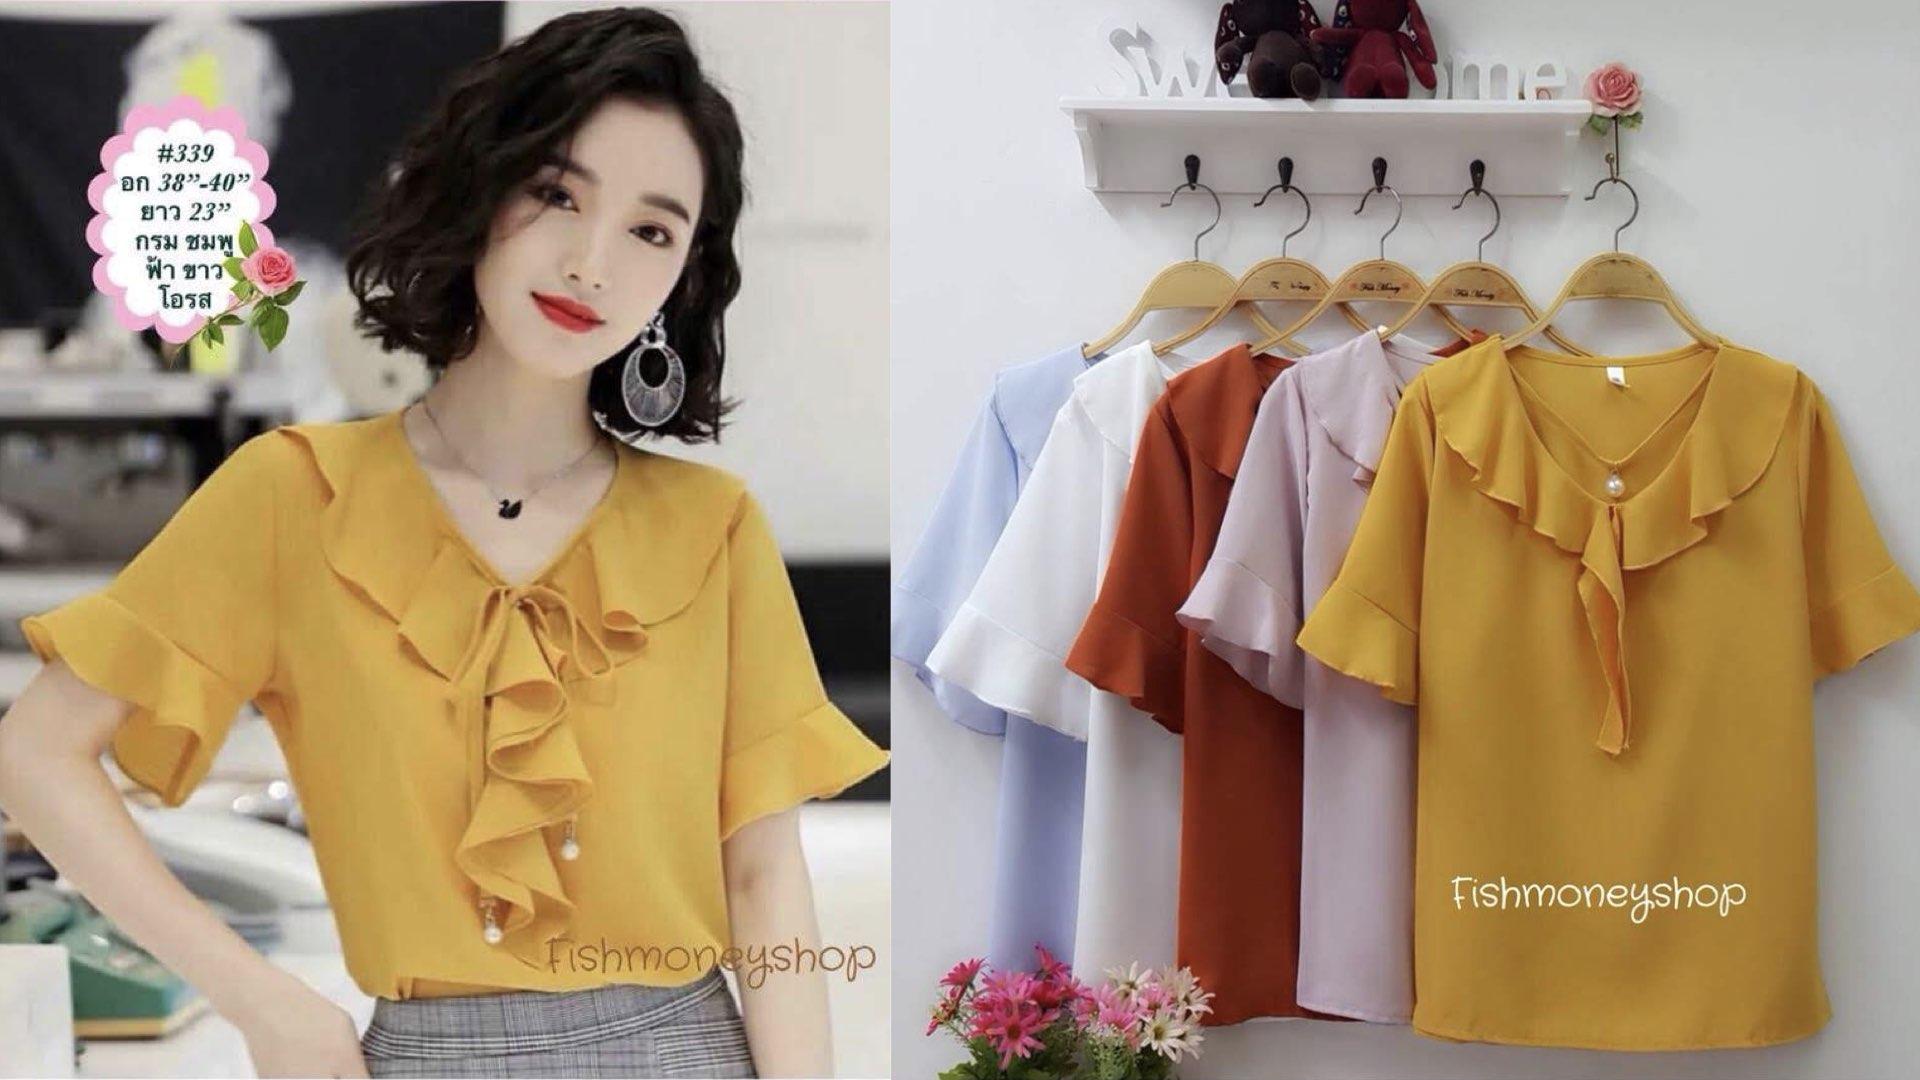 อยากได้! เสื้อสีเหลือง ใส่ทำงาน คลิกเลย อัพเดทเทรนด์แฟชั่นเสื้อสีเหลืองก่อนใครจ้า